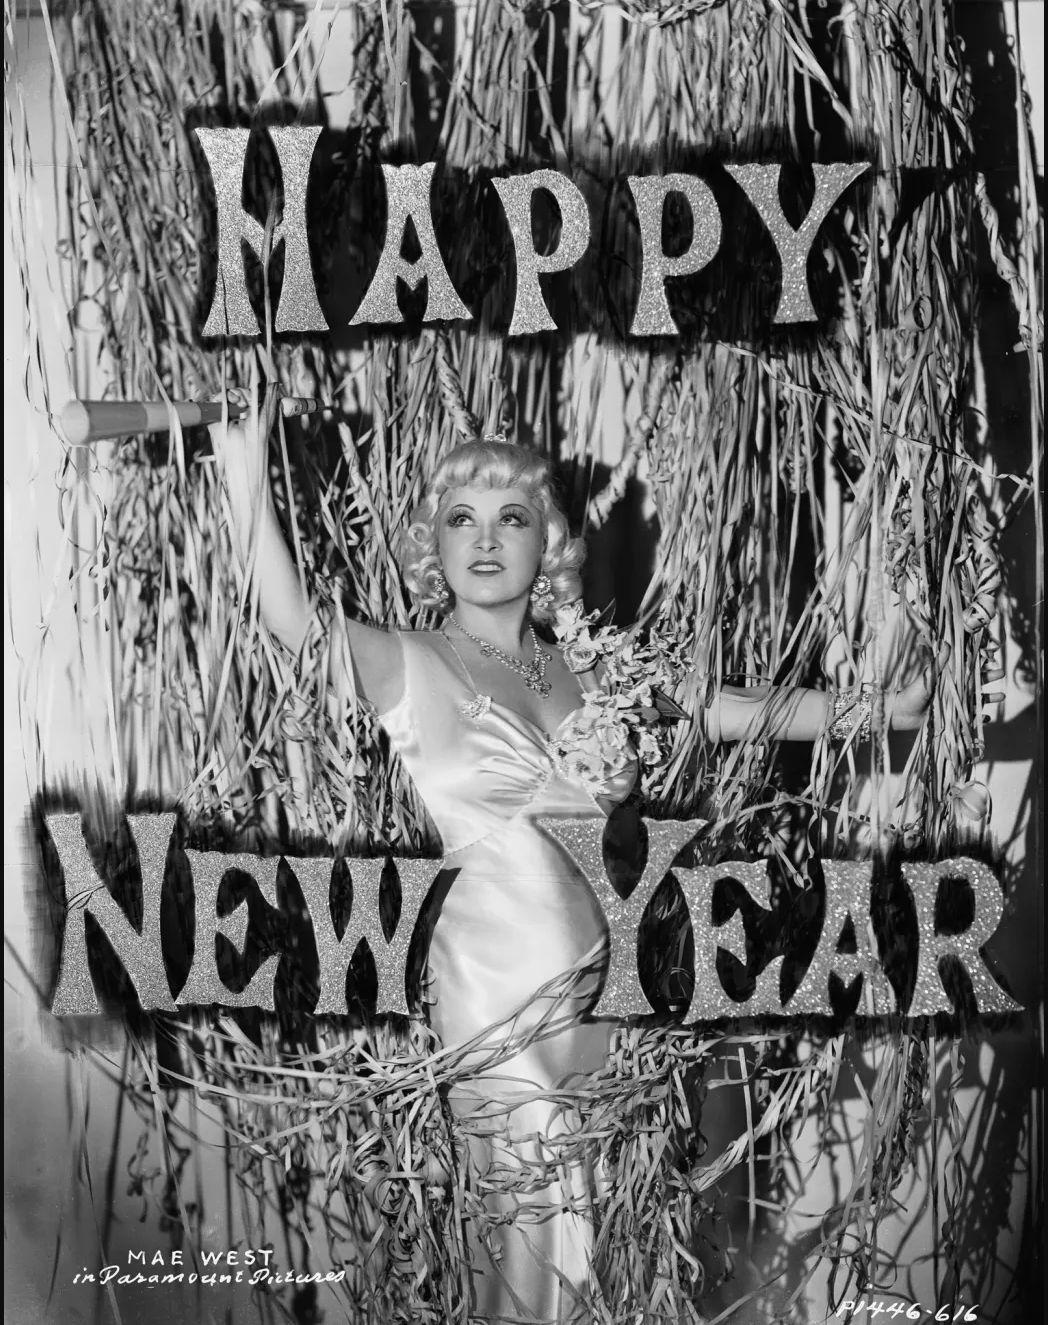 1936. Новогодние поздравления от голливудского секс-символа Мэй Уэст.jpg